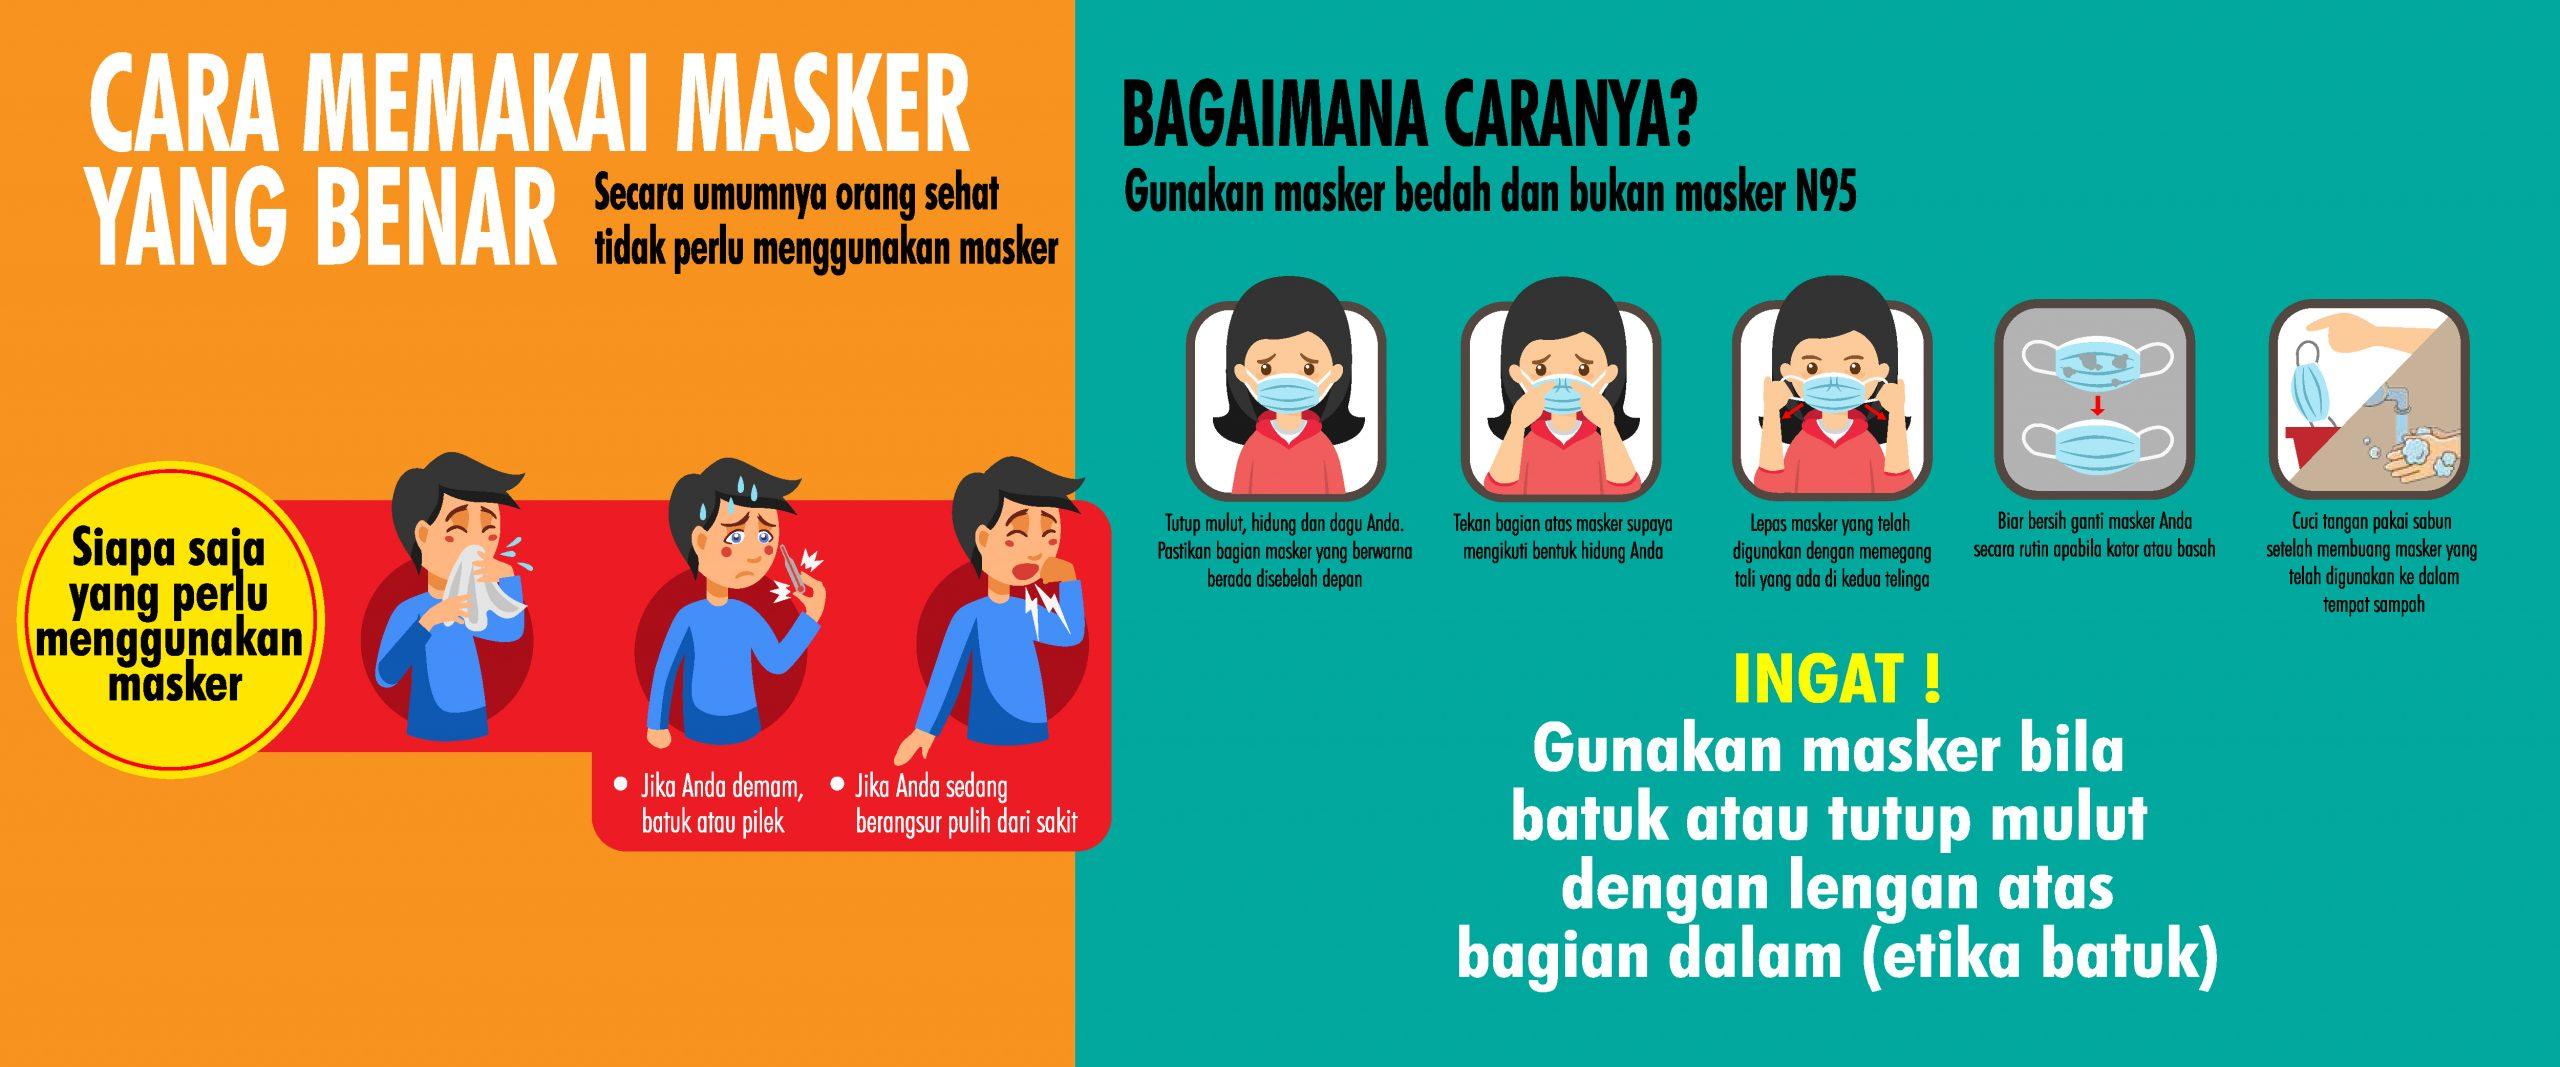 Dinas Kesehatan Provinsi Kalimantan Barat Dinas Kesehatan Provinsi Kalimantan Barat